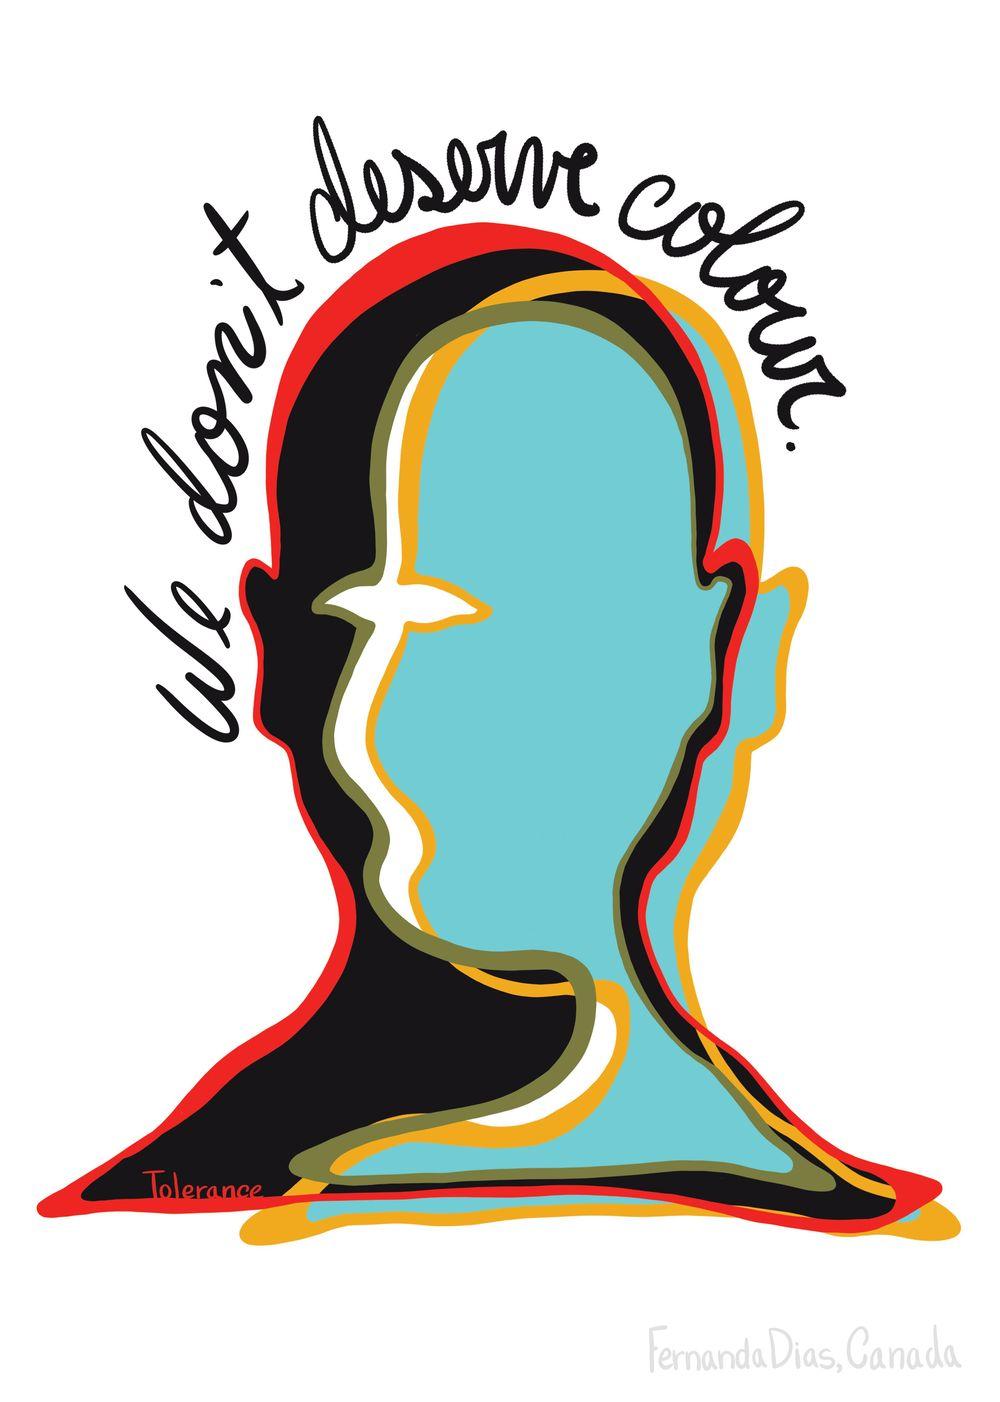 We Don't Deserve Colour - image 1 - student project